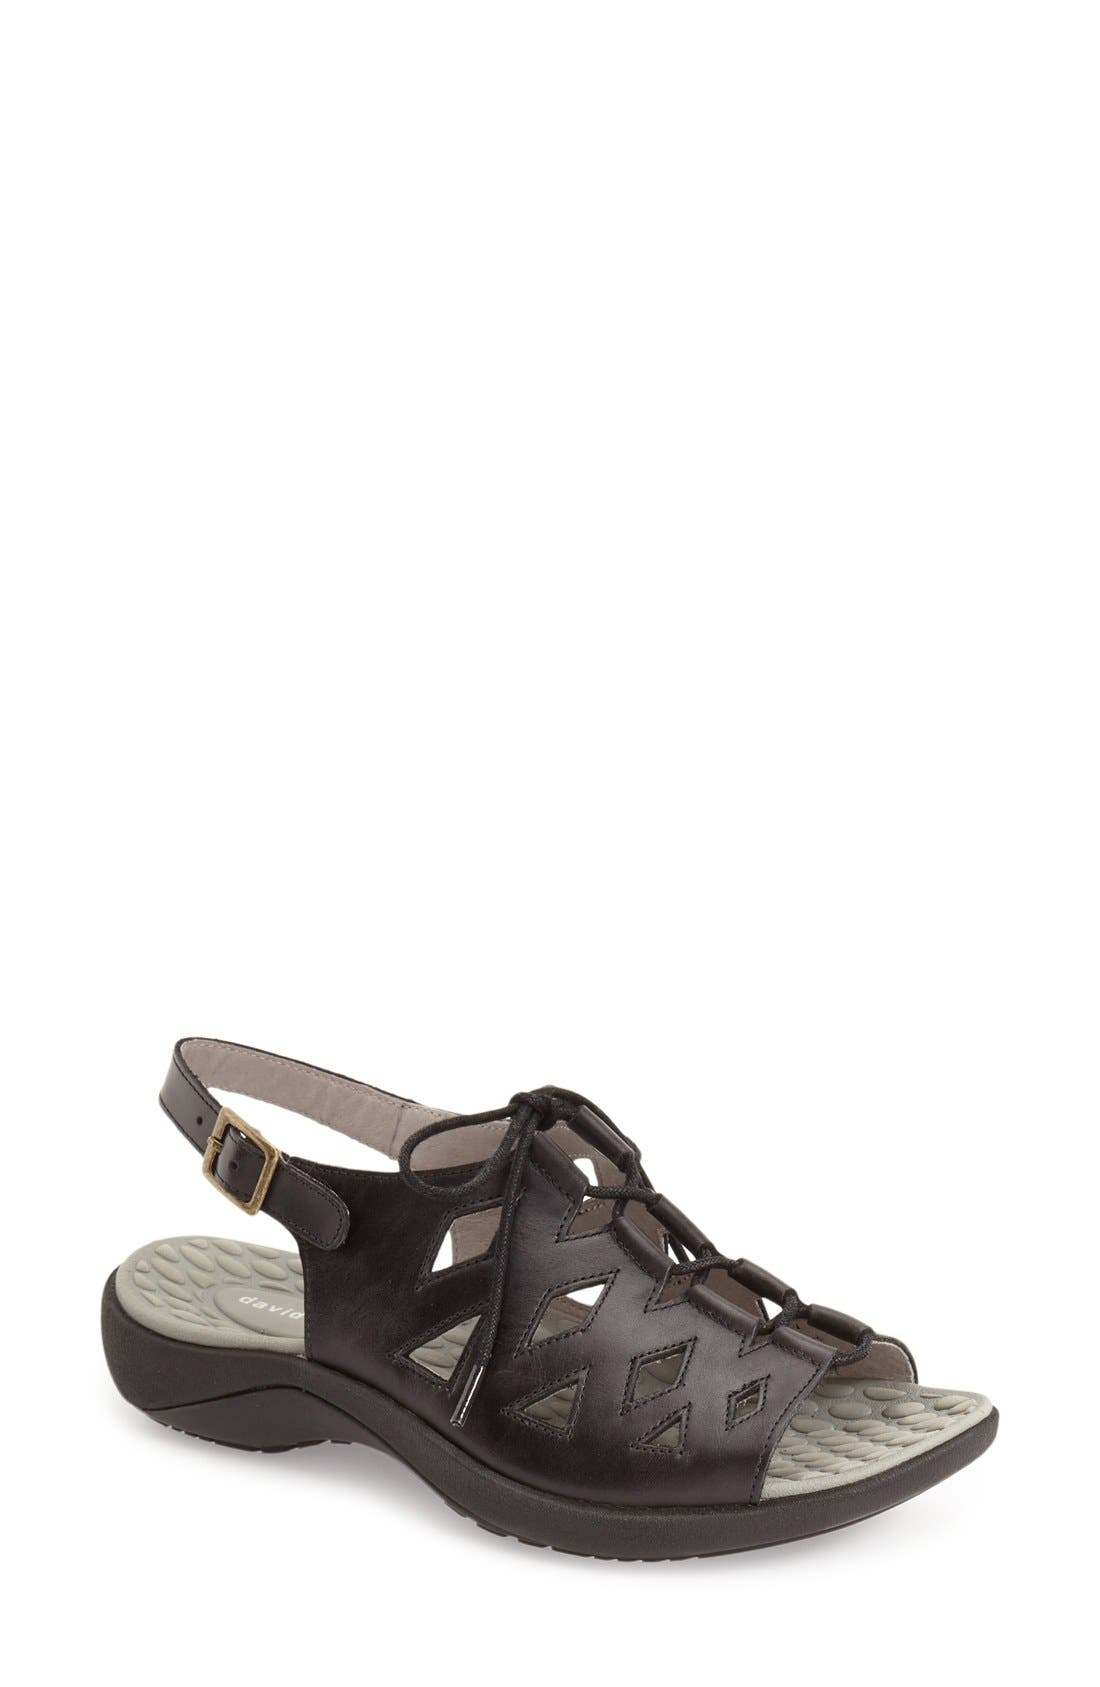 David Tate 'Dallas' Tie Sandal (Women)